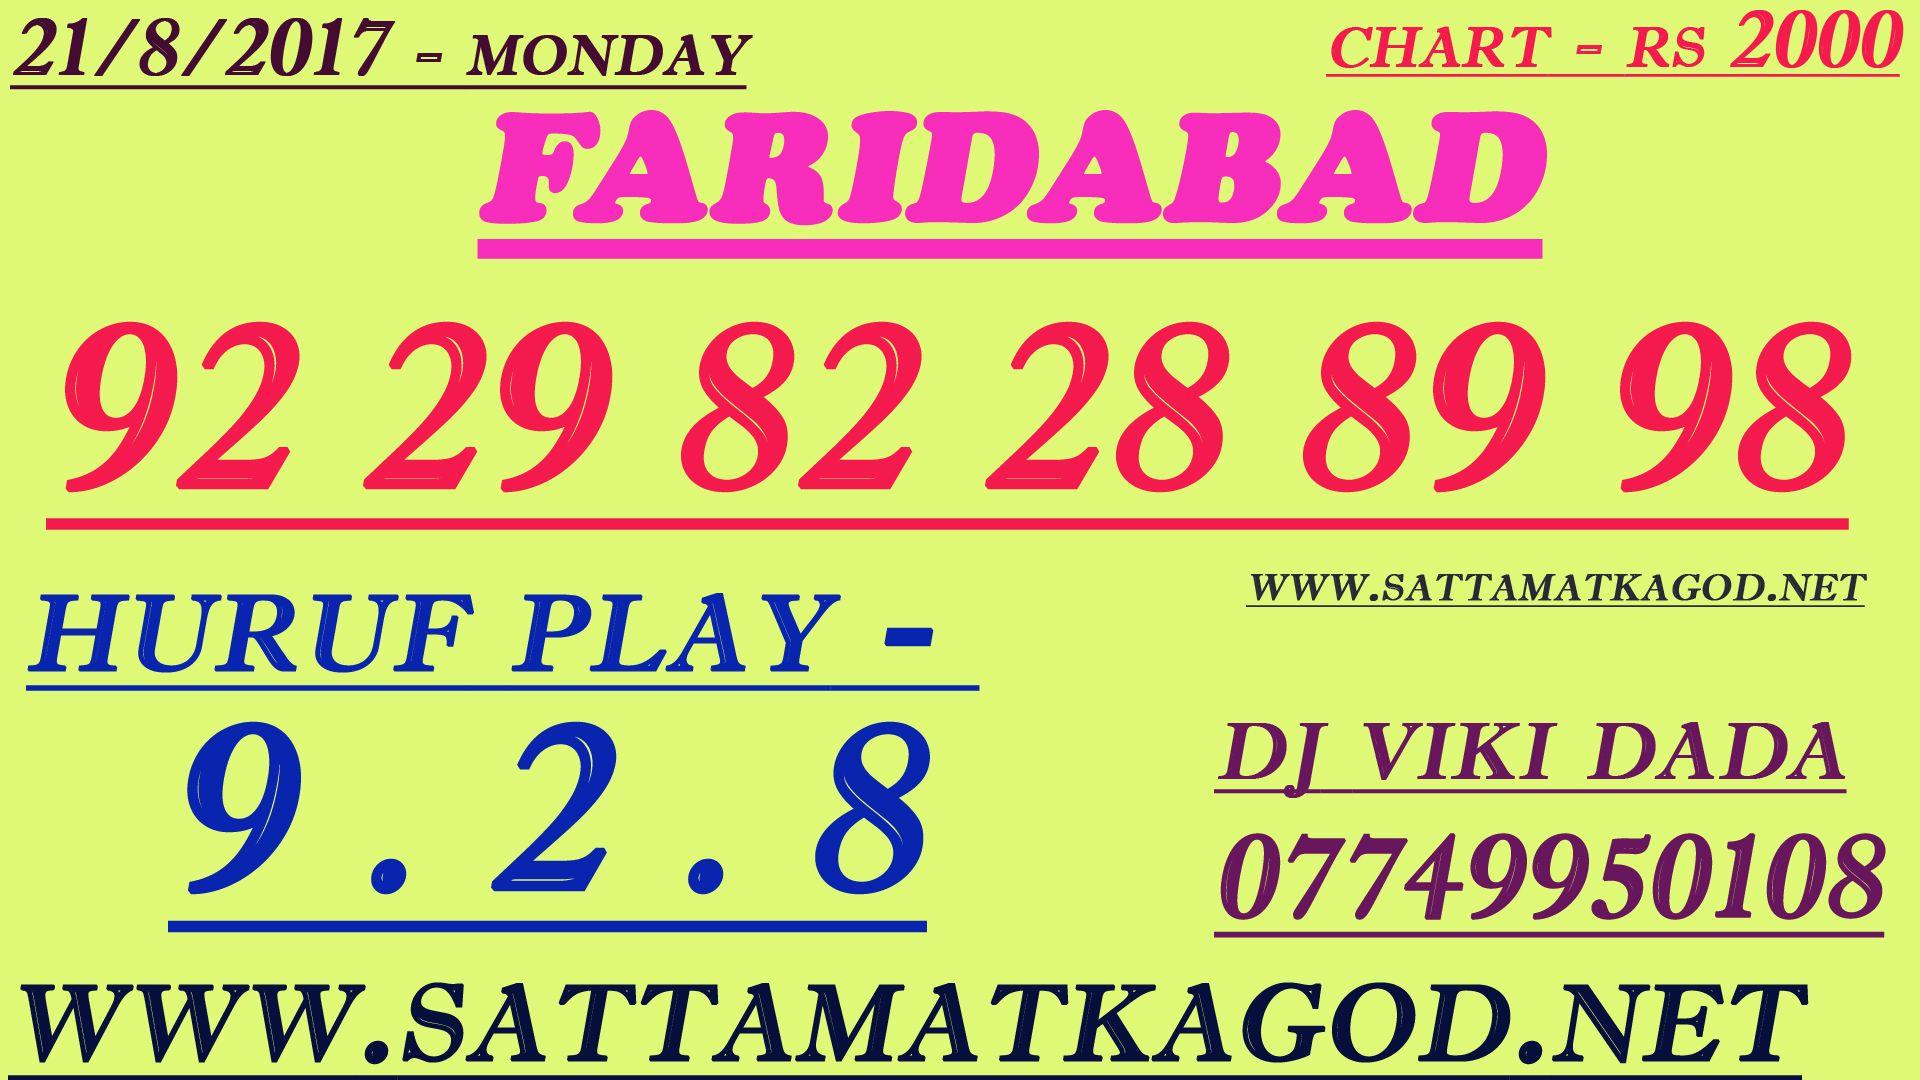 FARIDABAD SATTA KING   sattamatkagod net   Lottery games